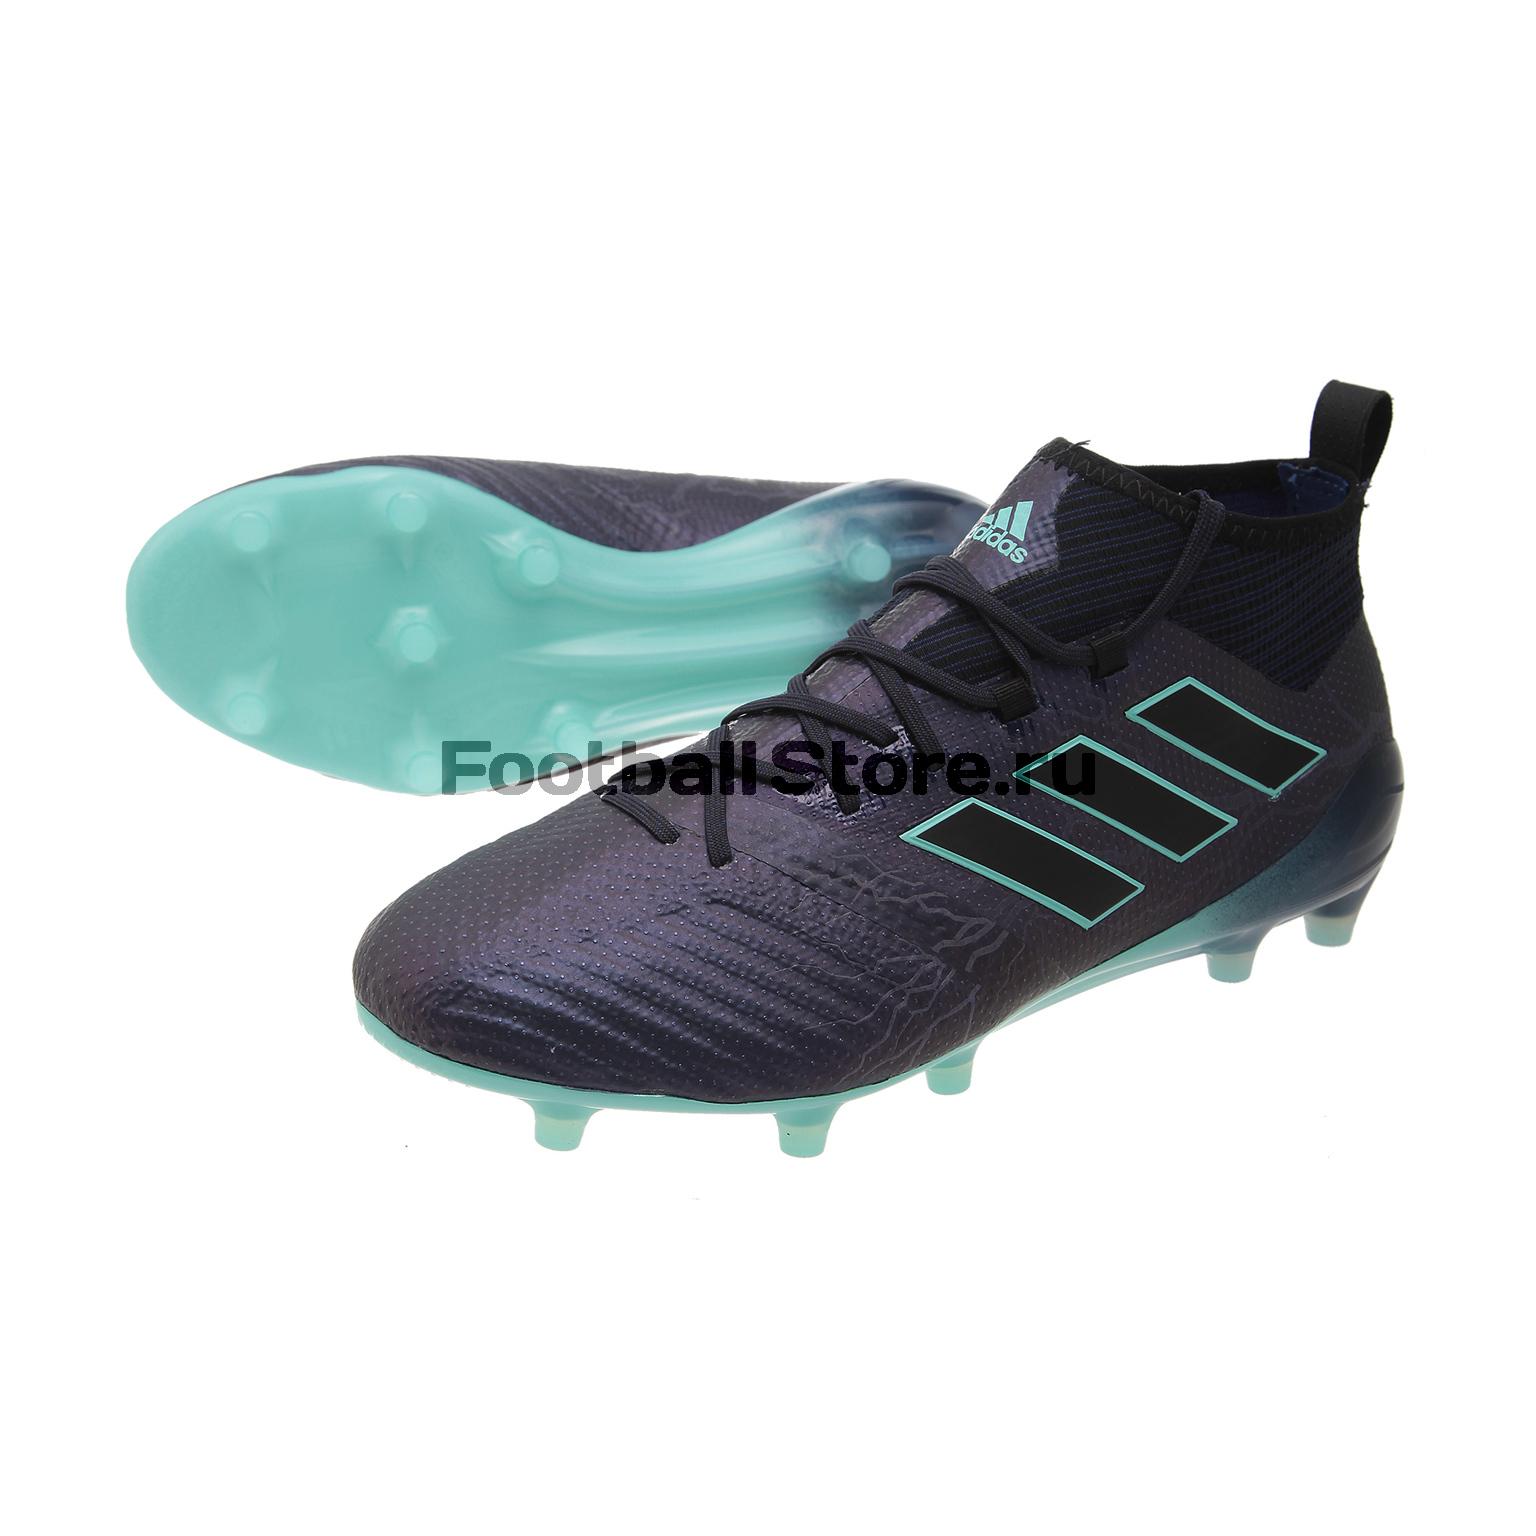 Игровые бутсы Adidas Бутсы Adidas ACE 17.1 FG BY2459 adidas бутсы adidas ace 16 3 fg leather aq4456